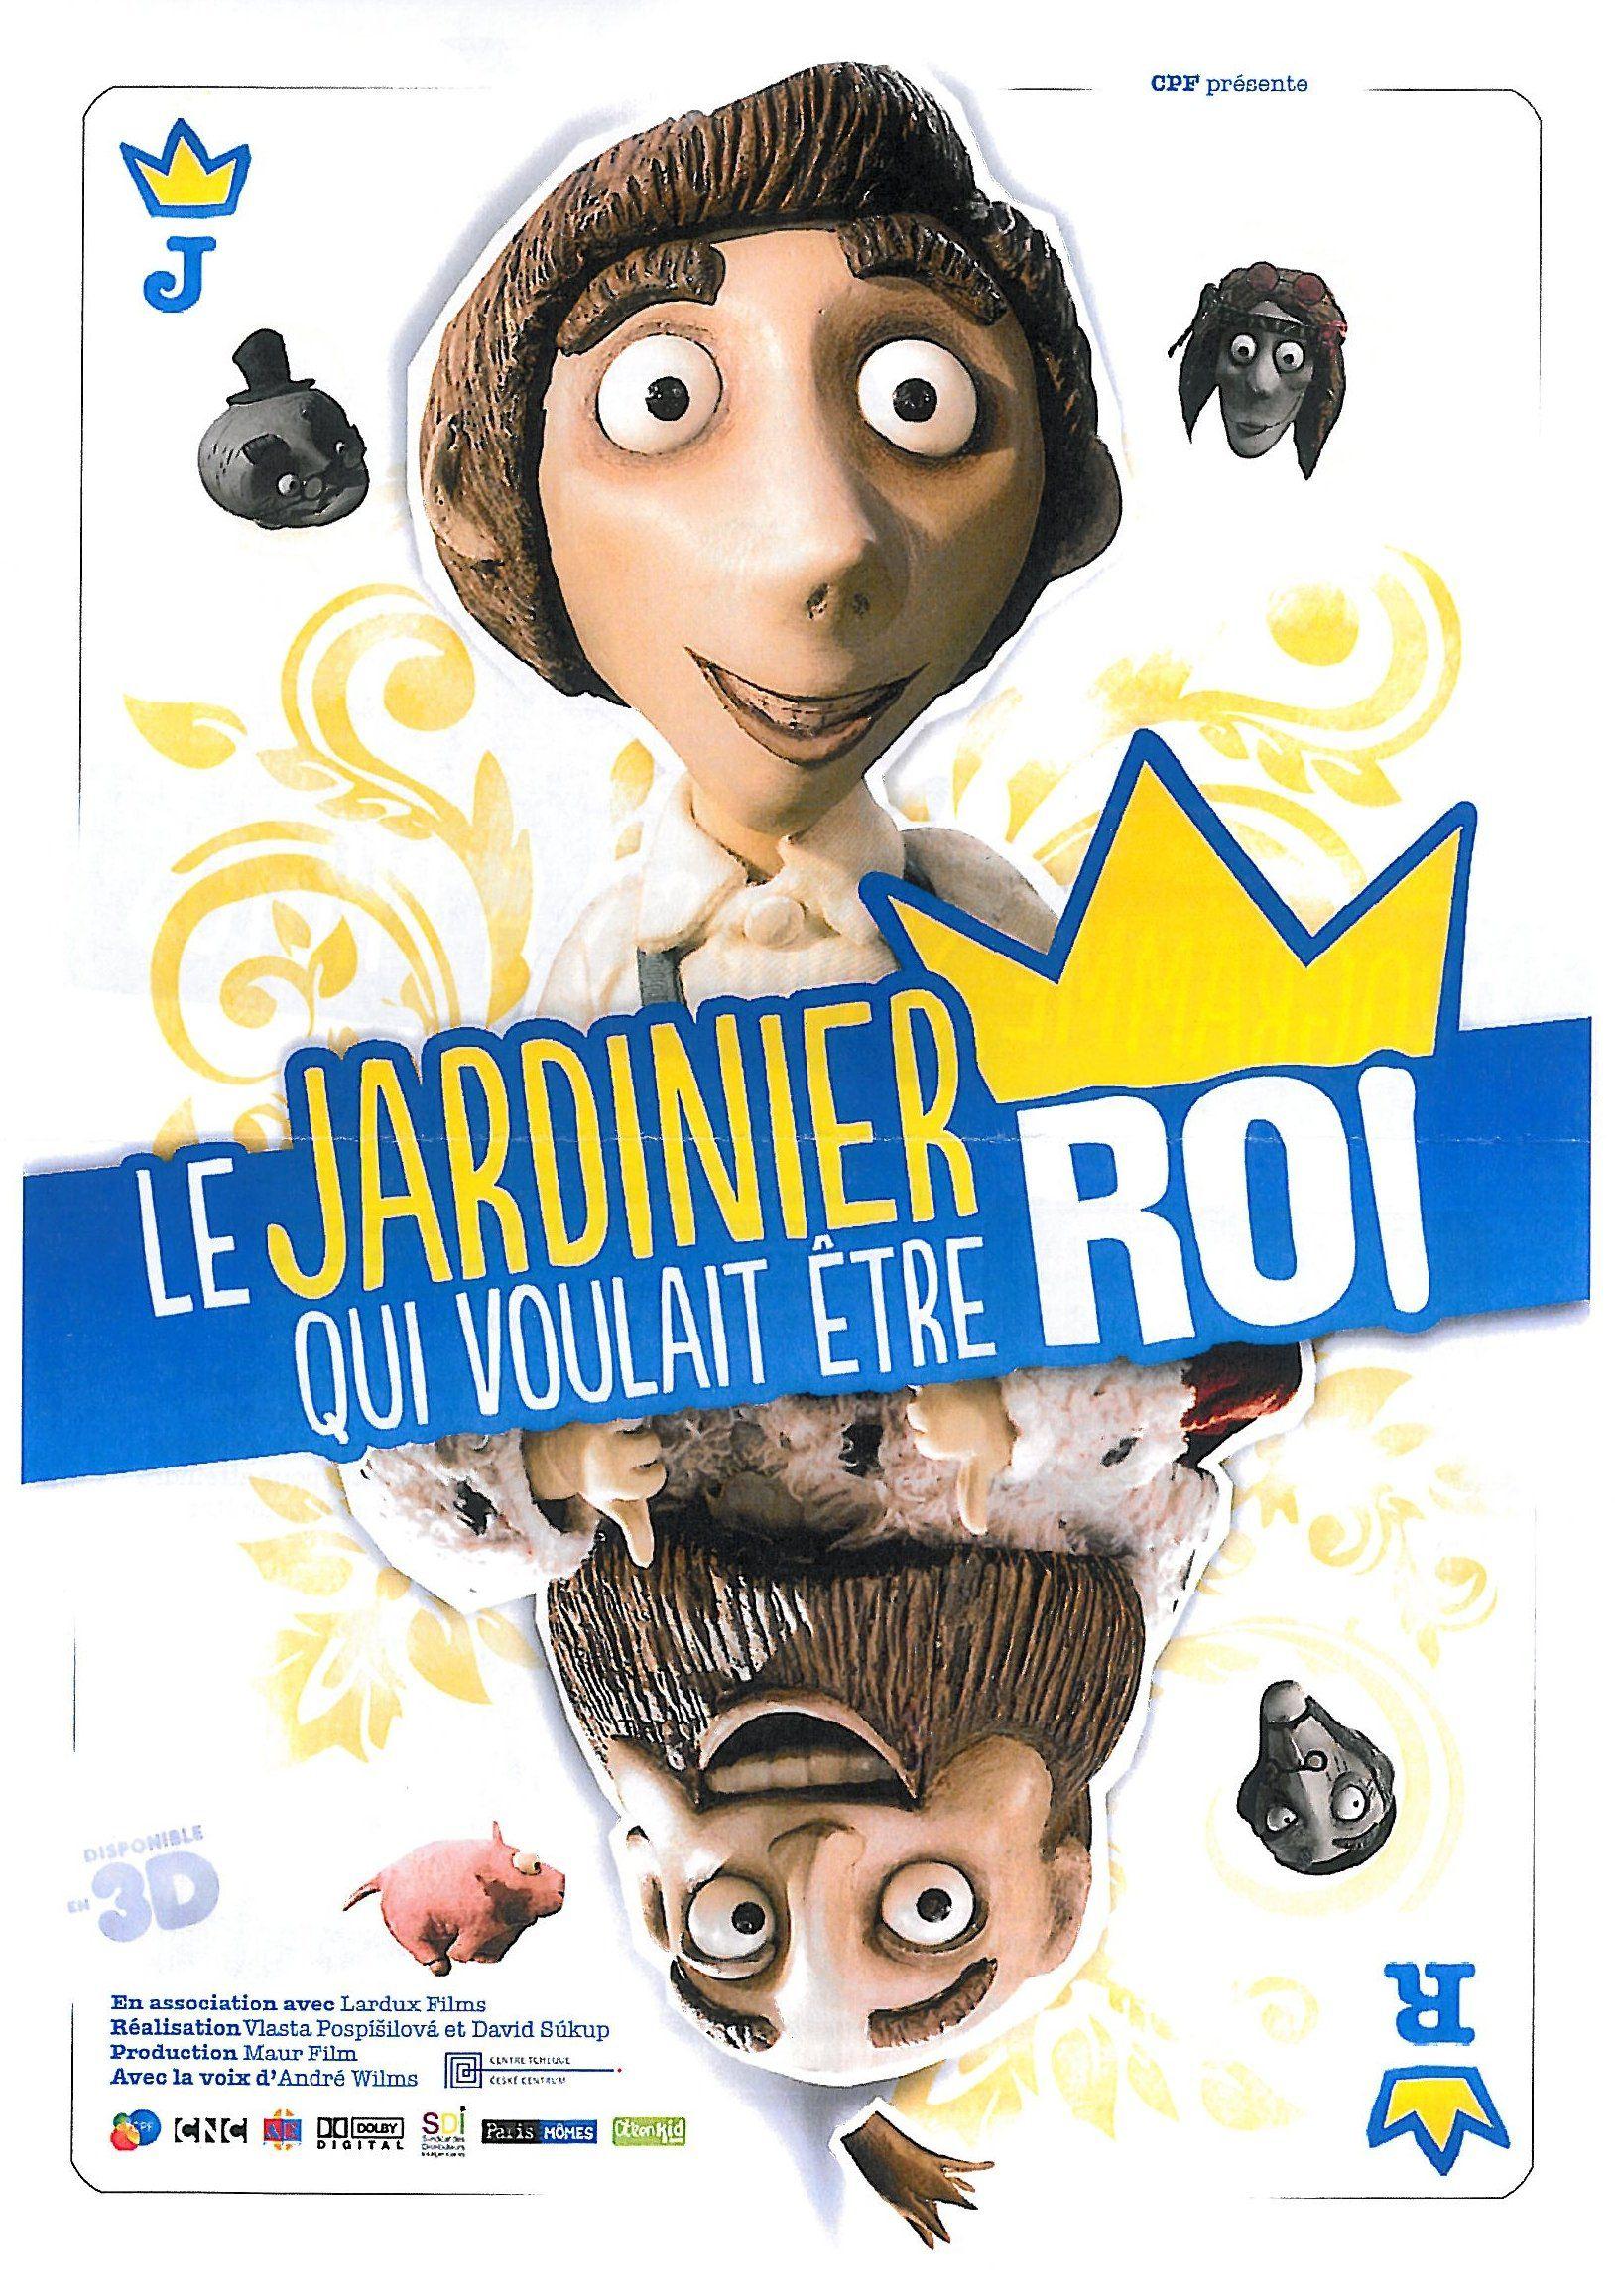 Le Jardinier qui voulait être roi - Long-métrage d'animation (2012)